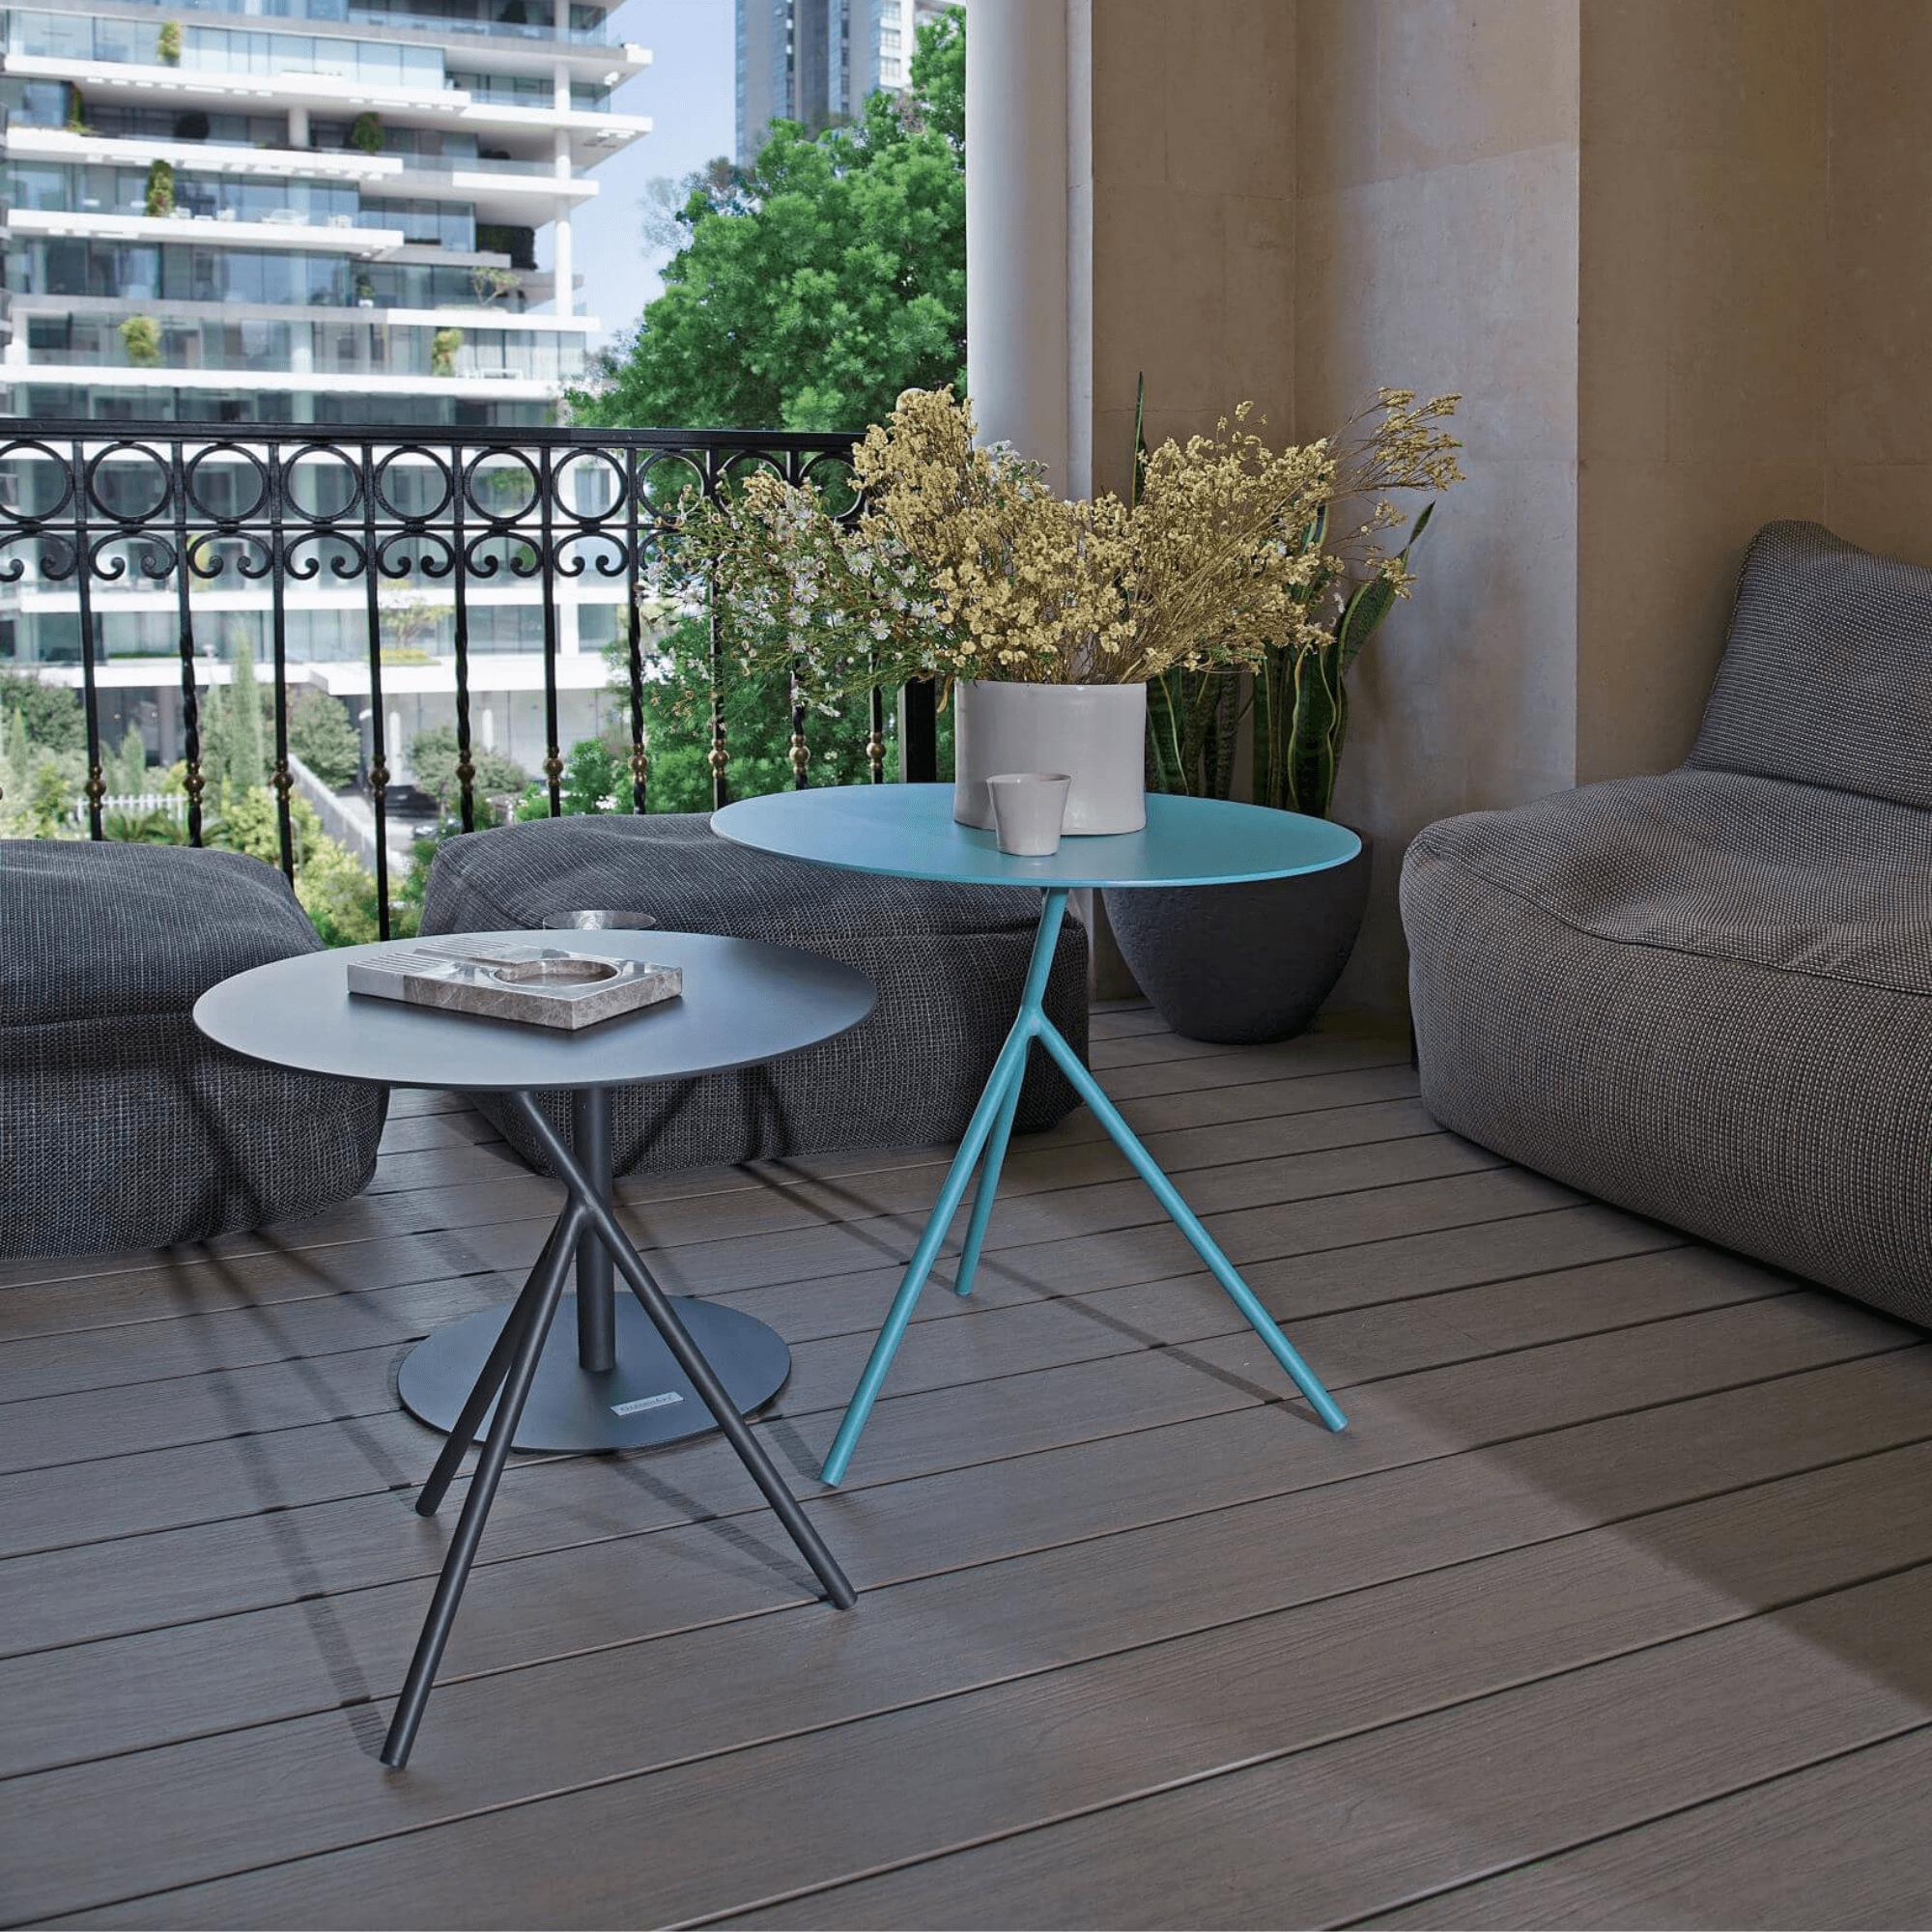 composite decking outdoor beirut lebanon